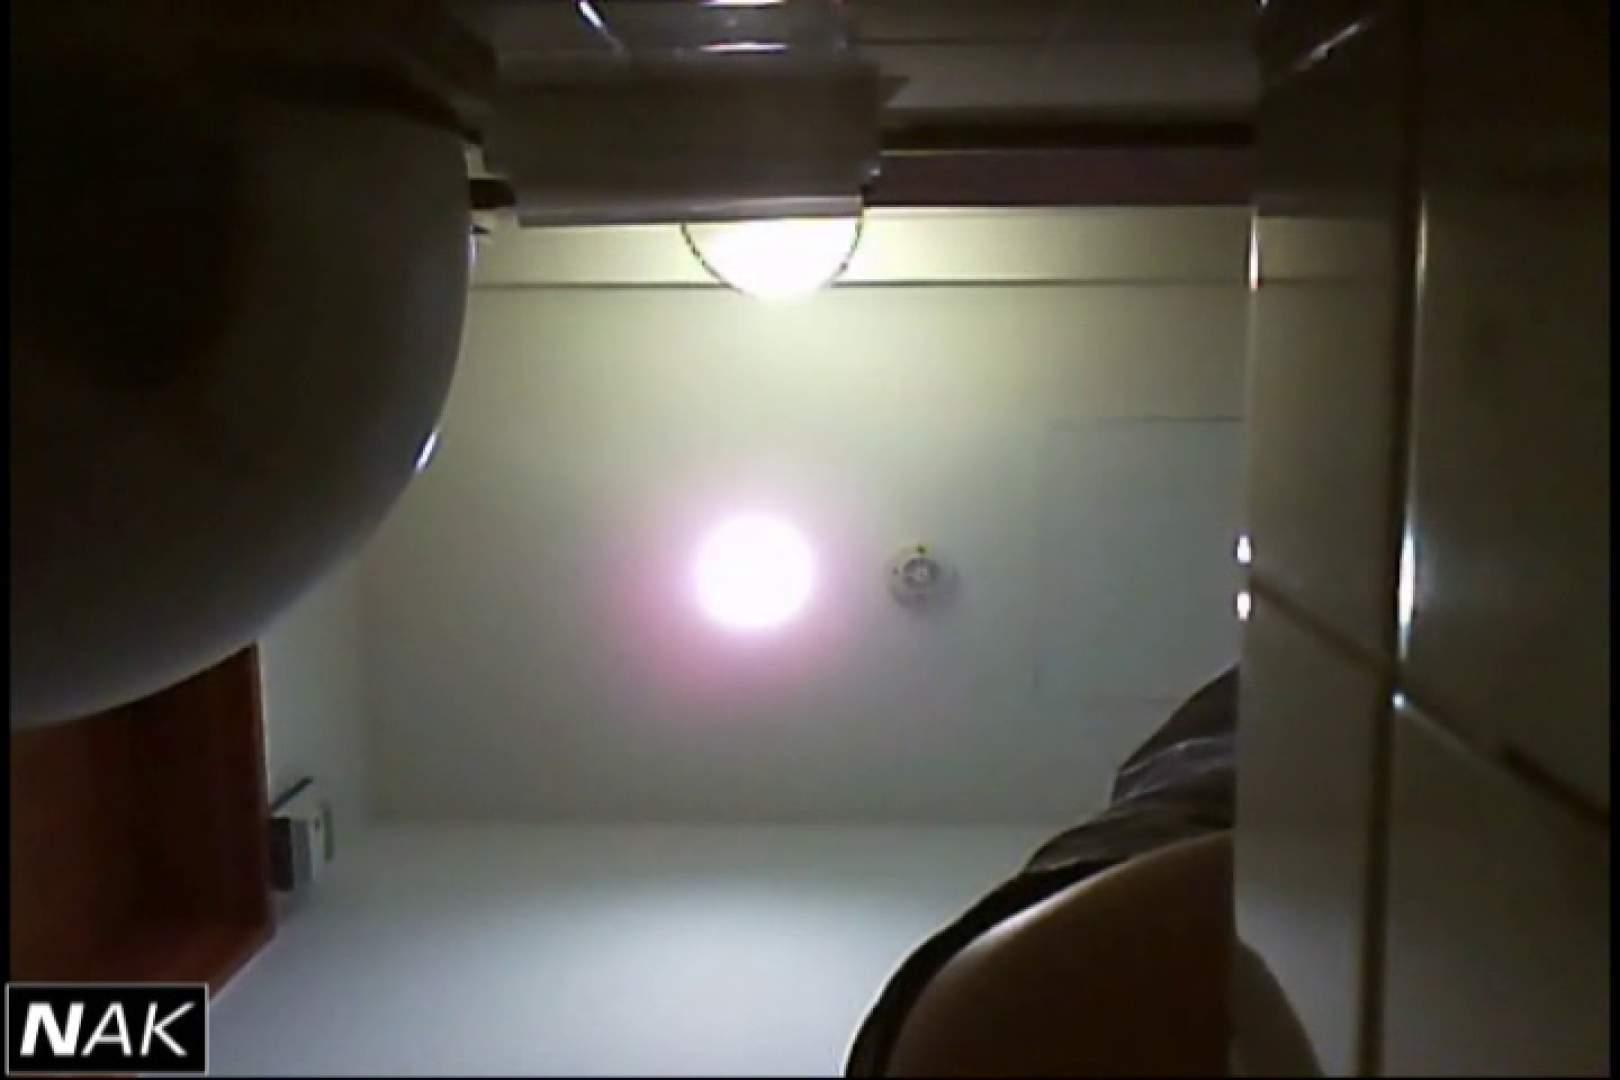 亀さんかわや VIP和式2カメバージョン! vol.14 マンコ特別編 セックス無修正動画無料 71枚 22